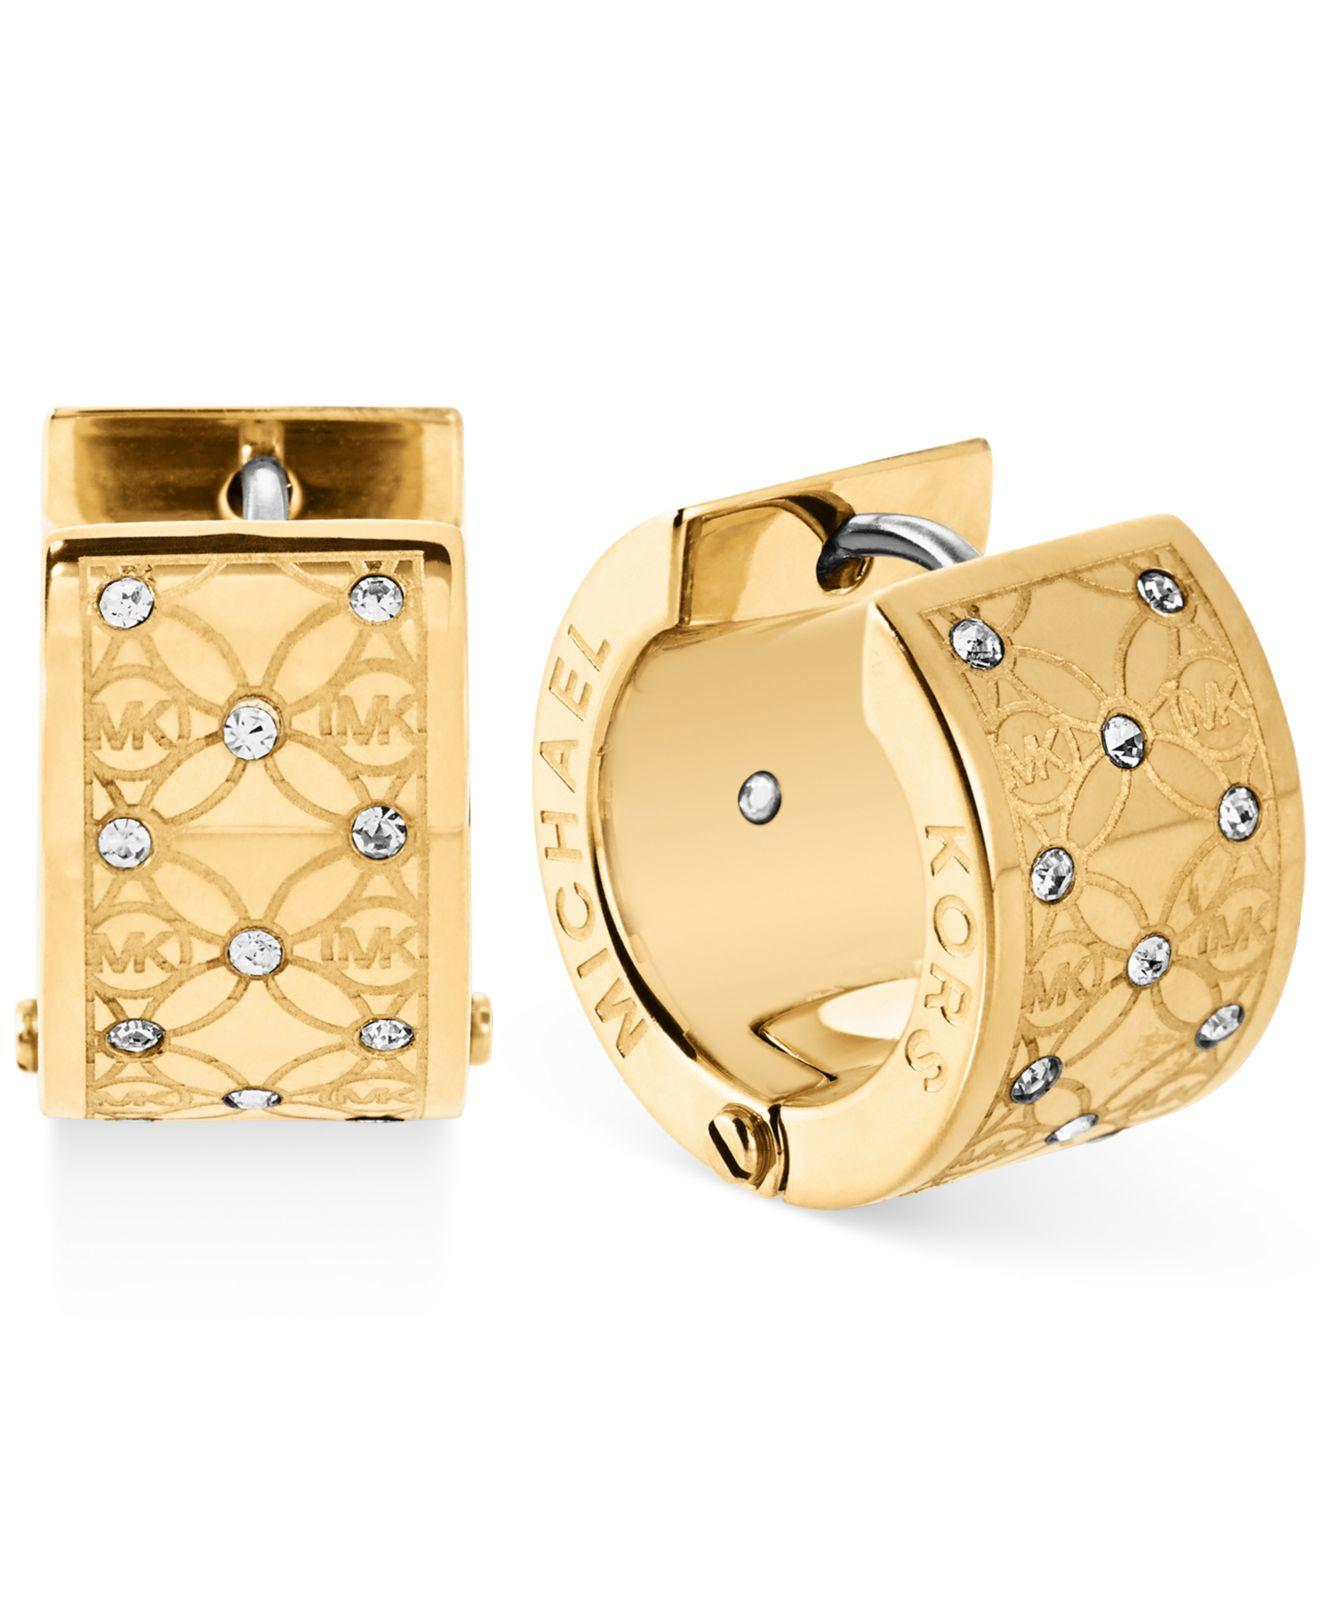 Michael kors Gold Tone Pavé Monogrammed Huggie Earrings in